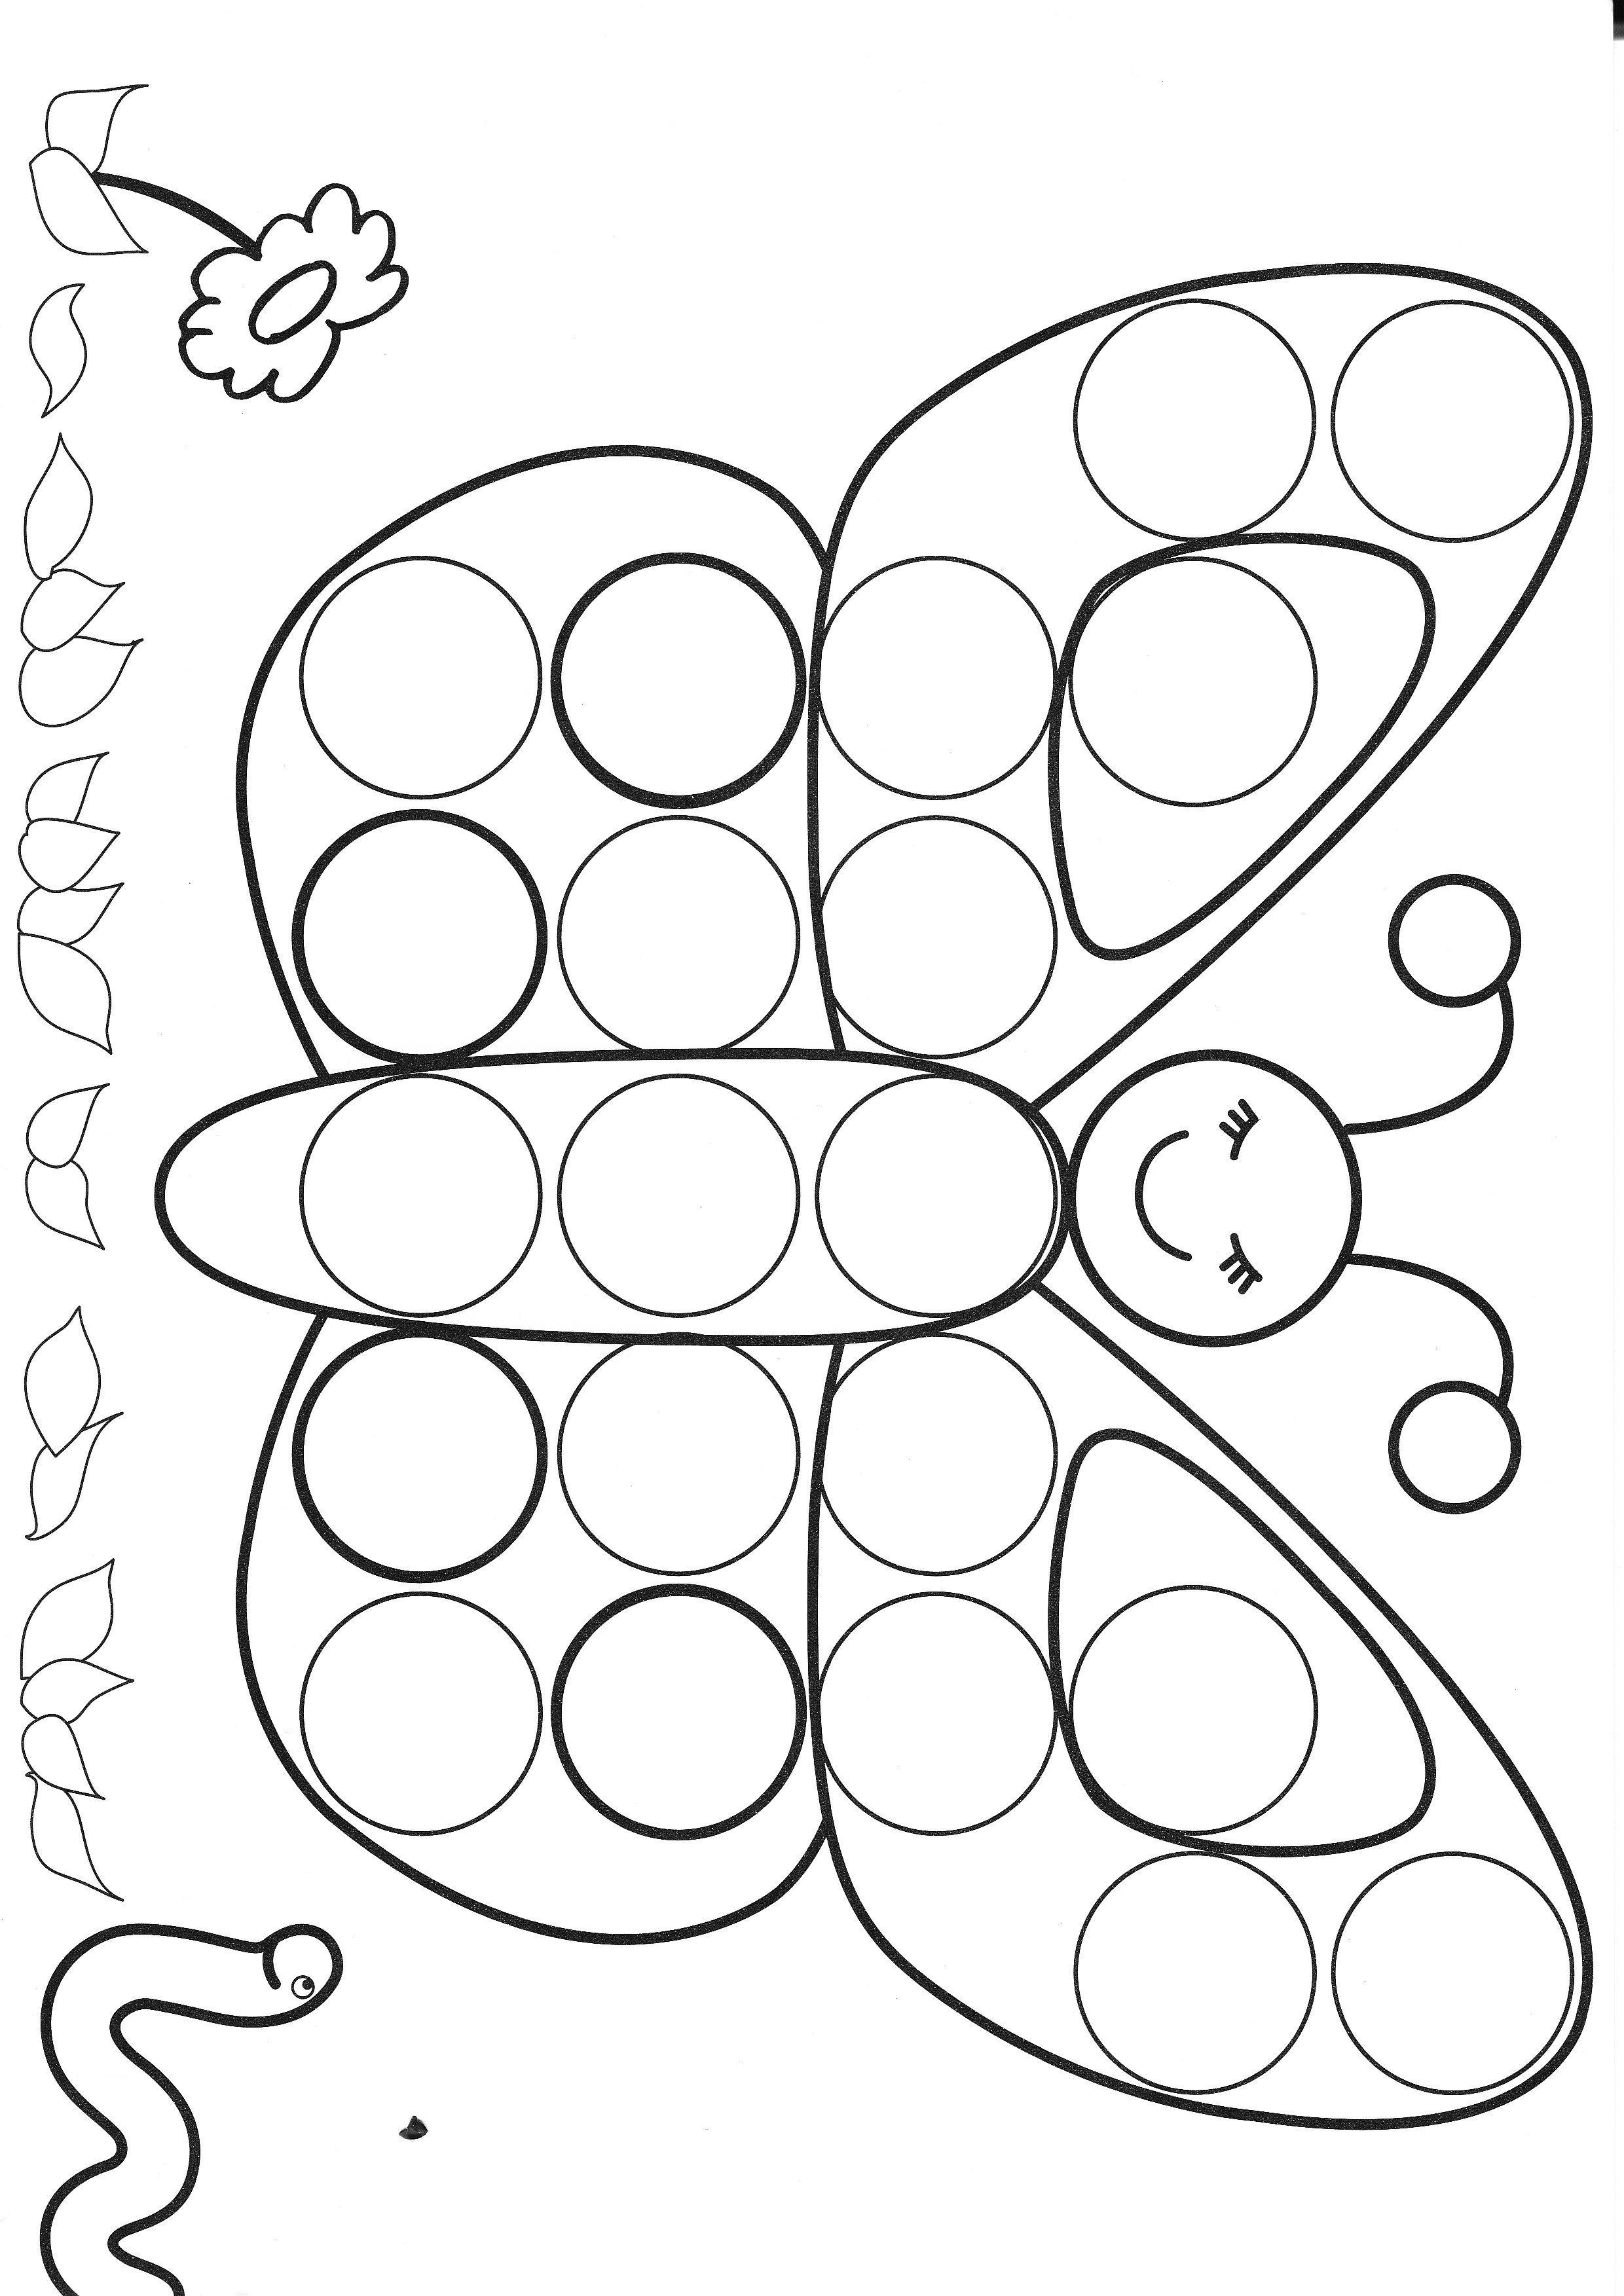 papillon  gomettes c est en fait une reproduction d une des planches du jeu colorino Il peut ªtre utilisé pour des gomettes ou du coloriage